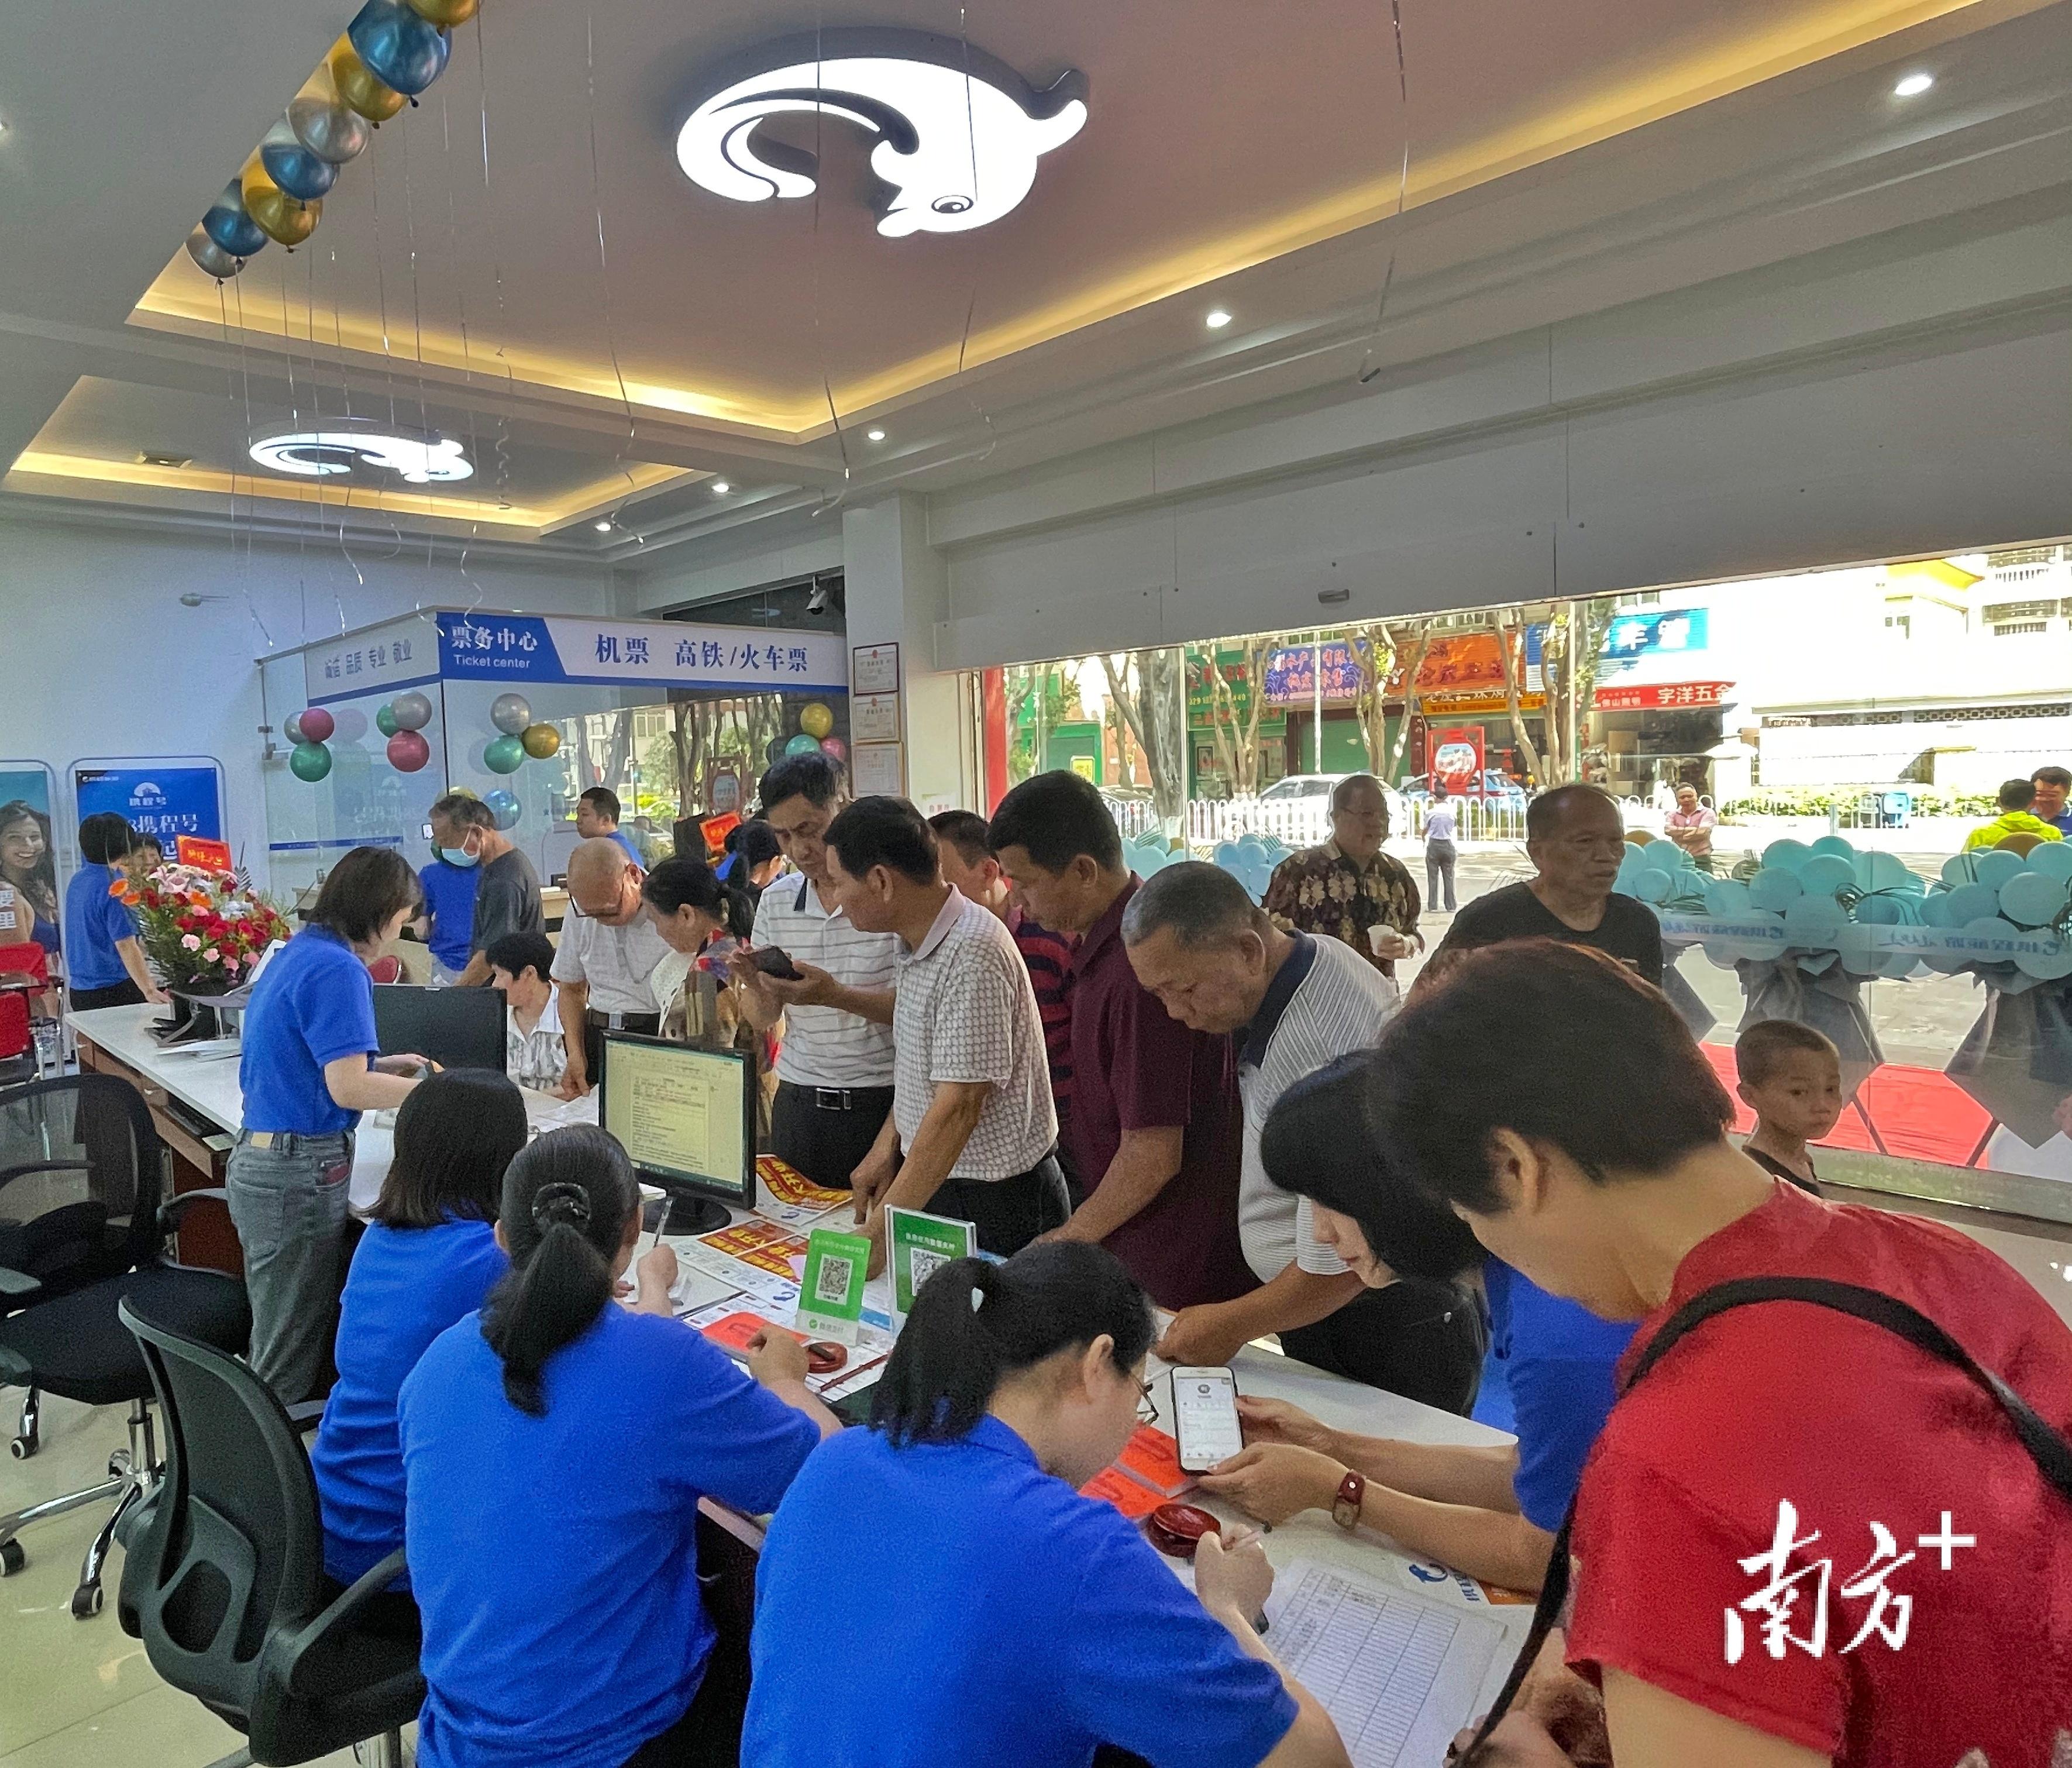 说走就走,旅游新零售产品再升级!携程旅游梅州运营中心今日成立